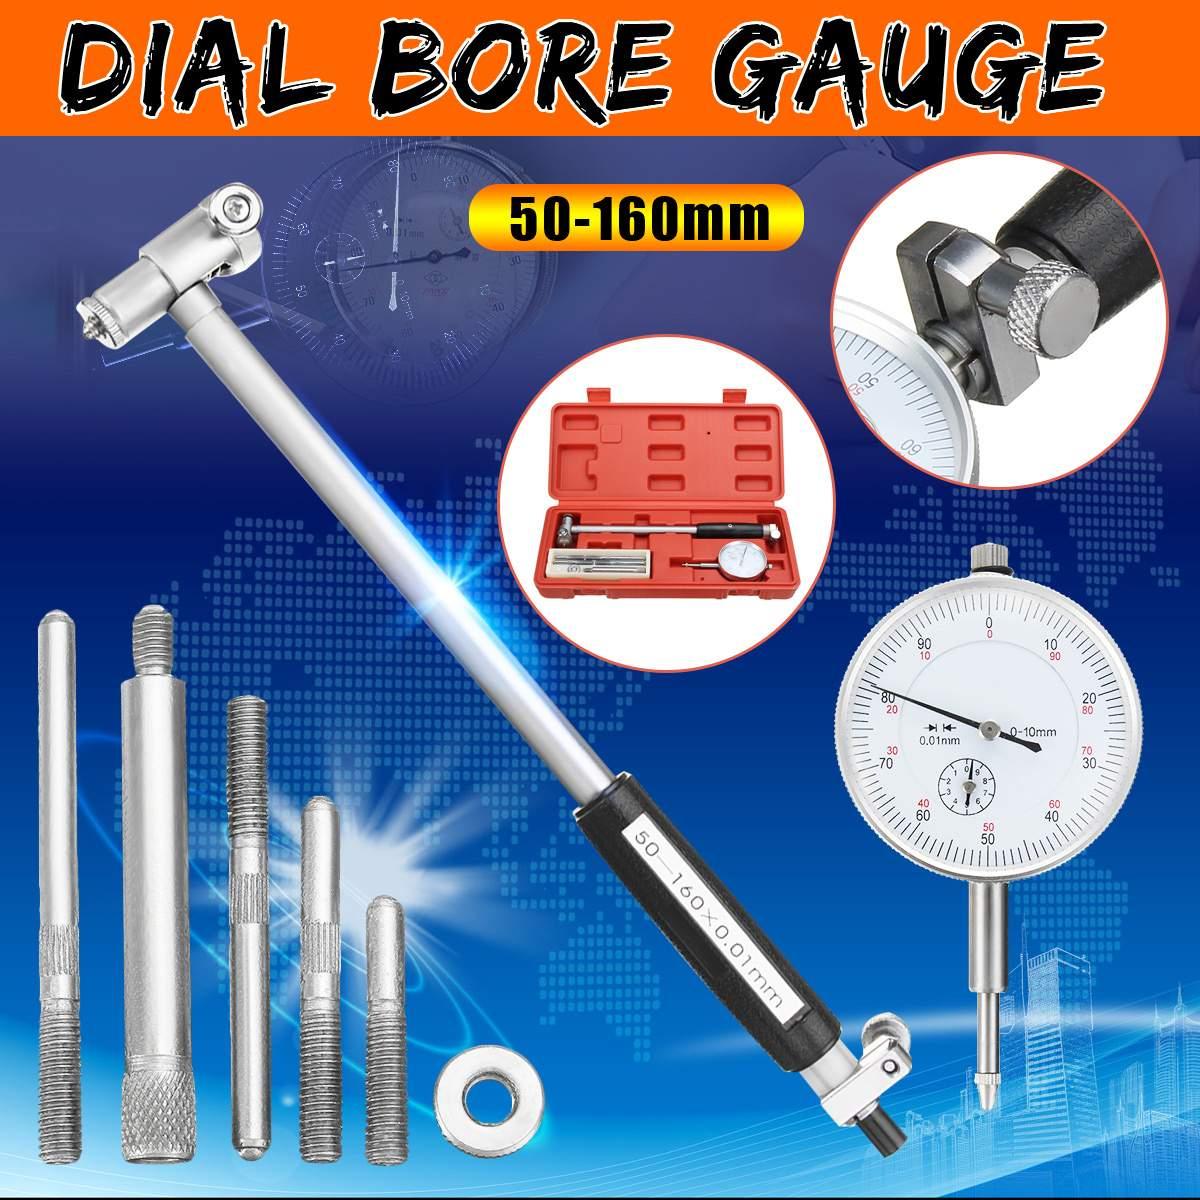 Dial Bore Gauge 50-160mm 0.01 millimetri Metric Cilindro Interno Piccola All'interno Sonda di Misura Gage Quadrante Indicatore di Precisione di misura